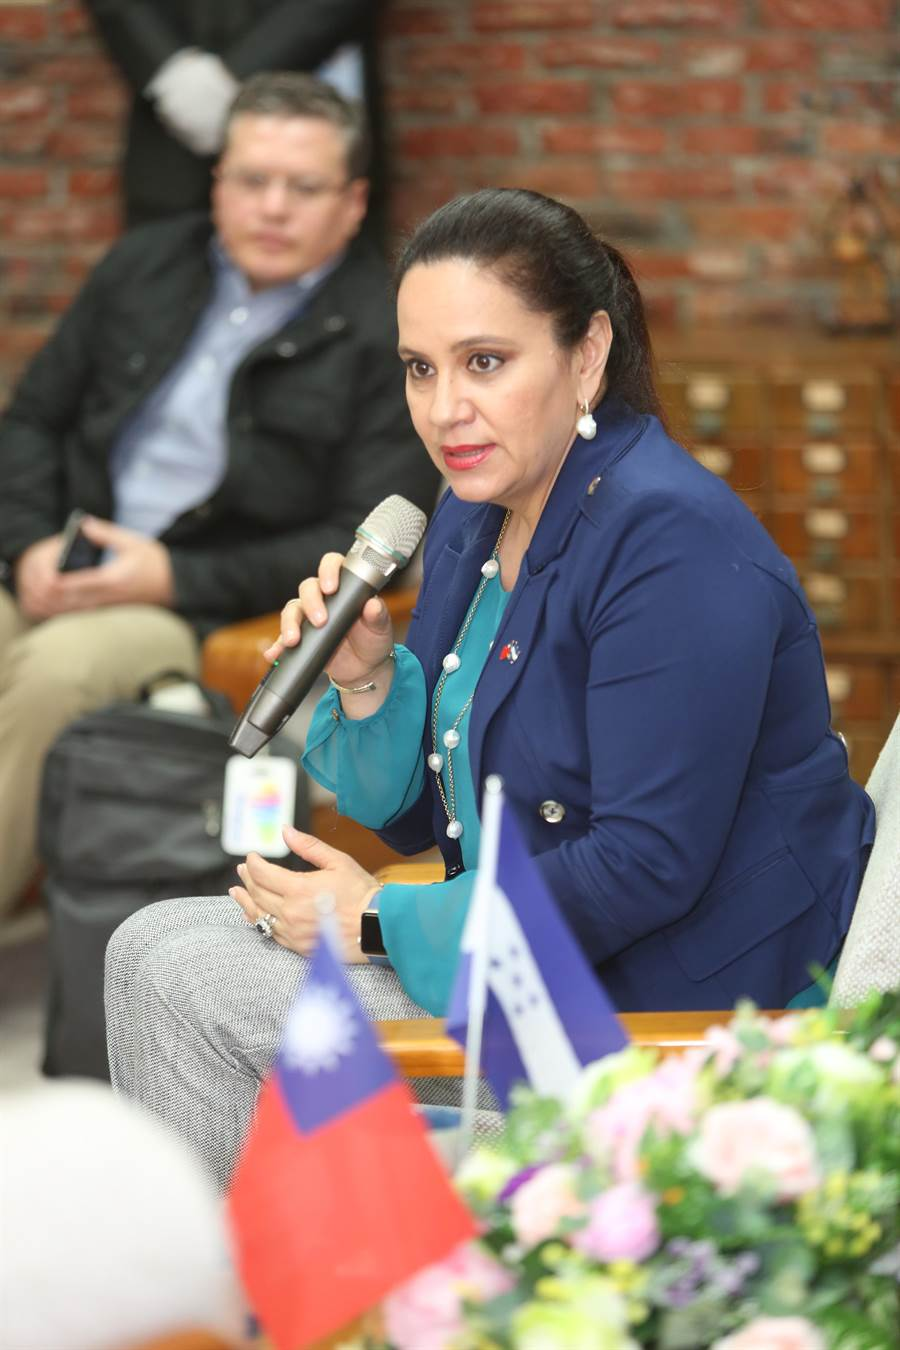 叶安娜说,宏都拉斯也是全球第五大咖啡生产国,希望能与静宜大学合作,结合高品质的原物料优势,将咖啡商品推向国际市场,带来更大商机。